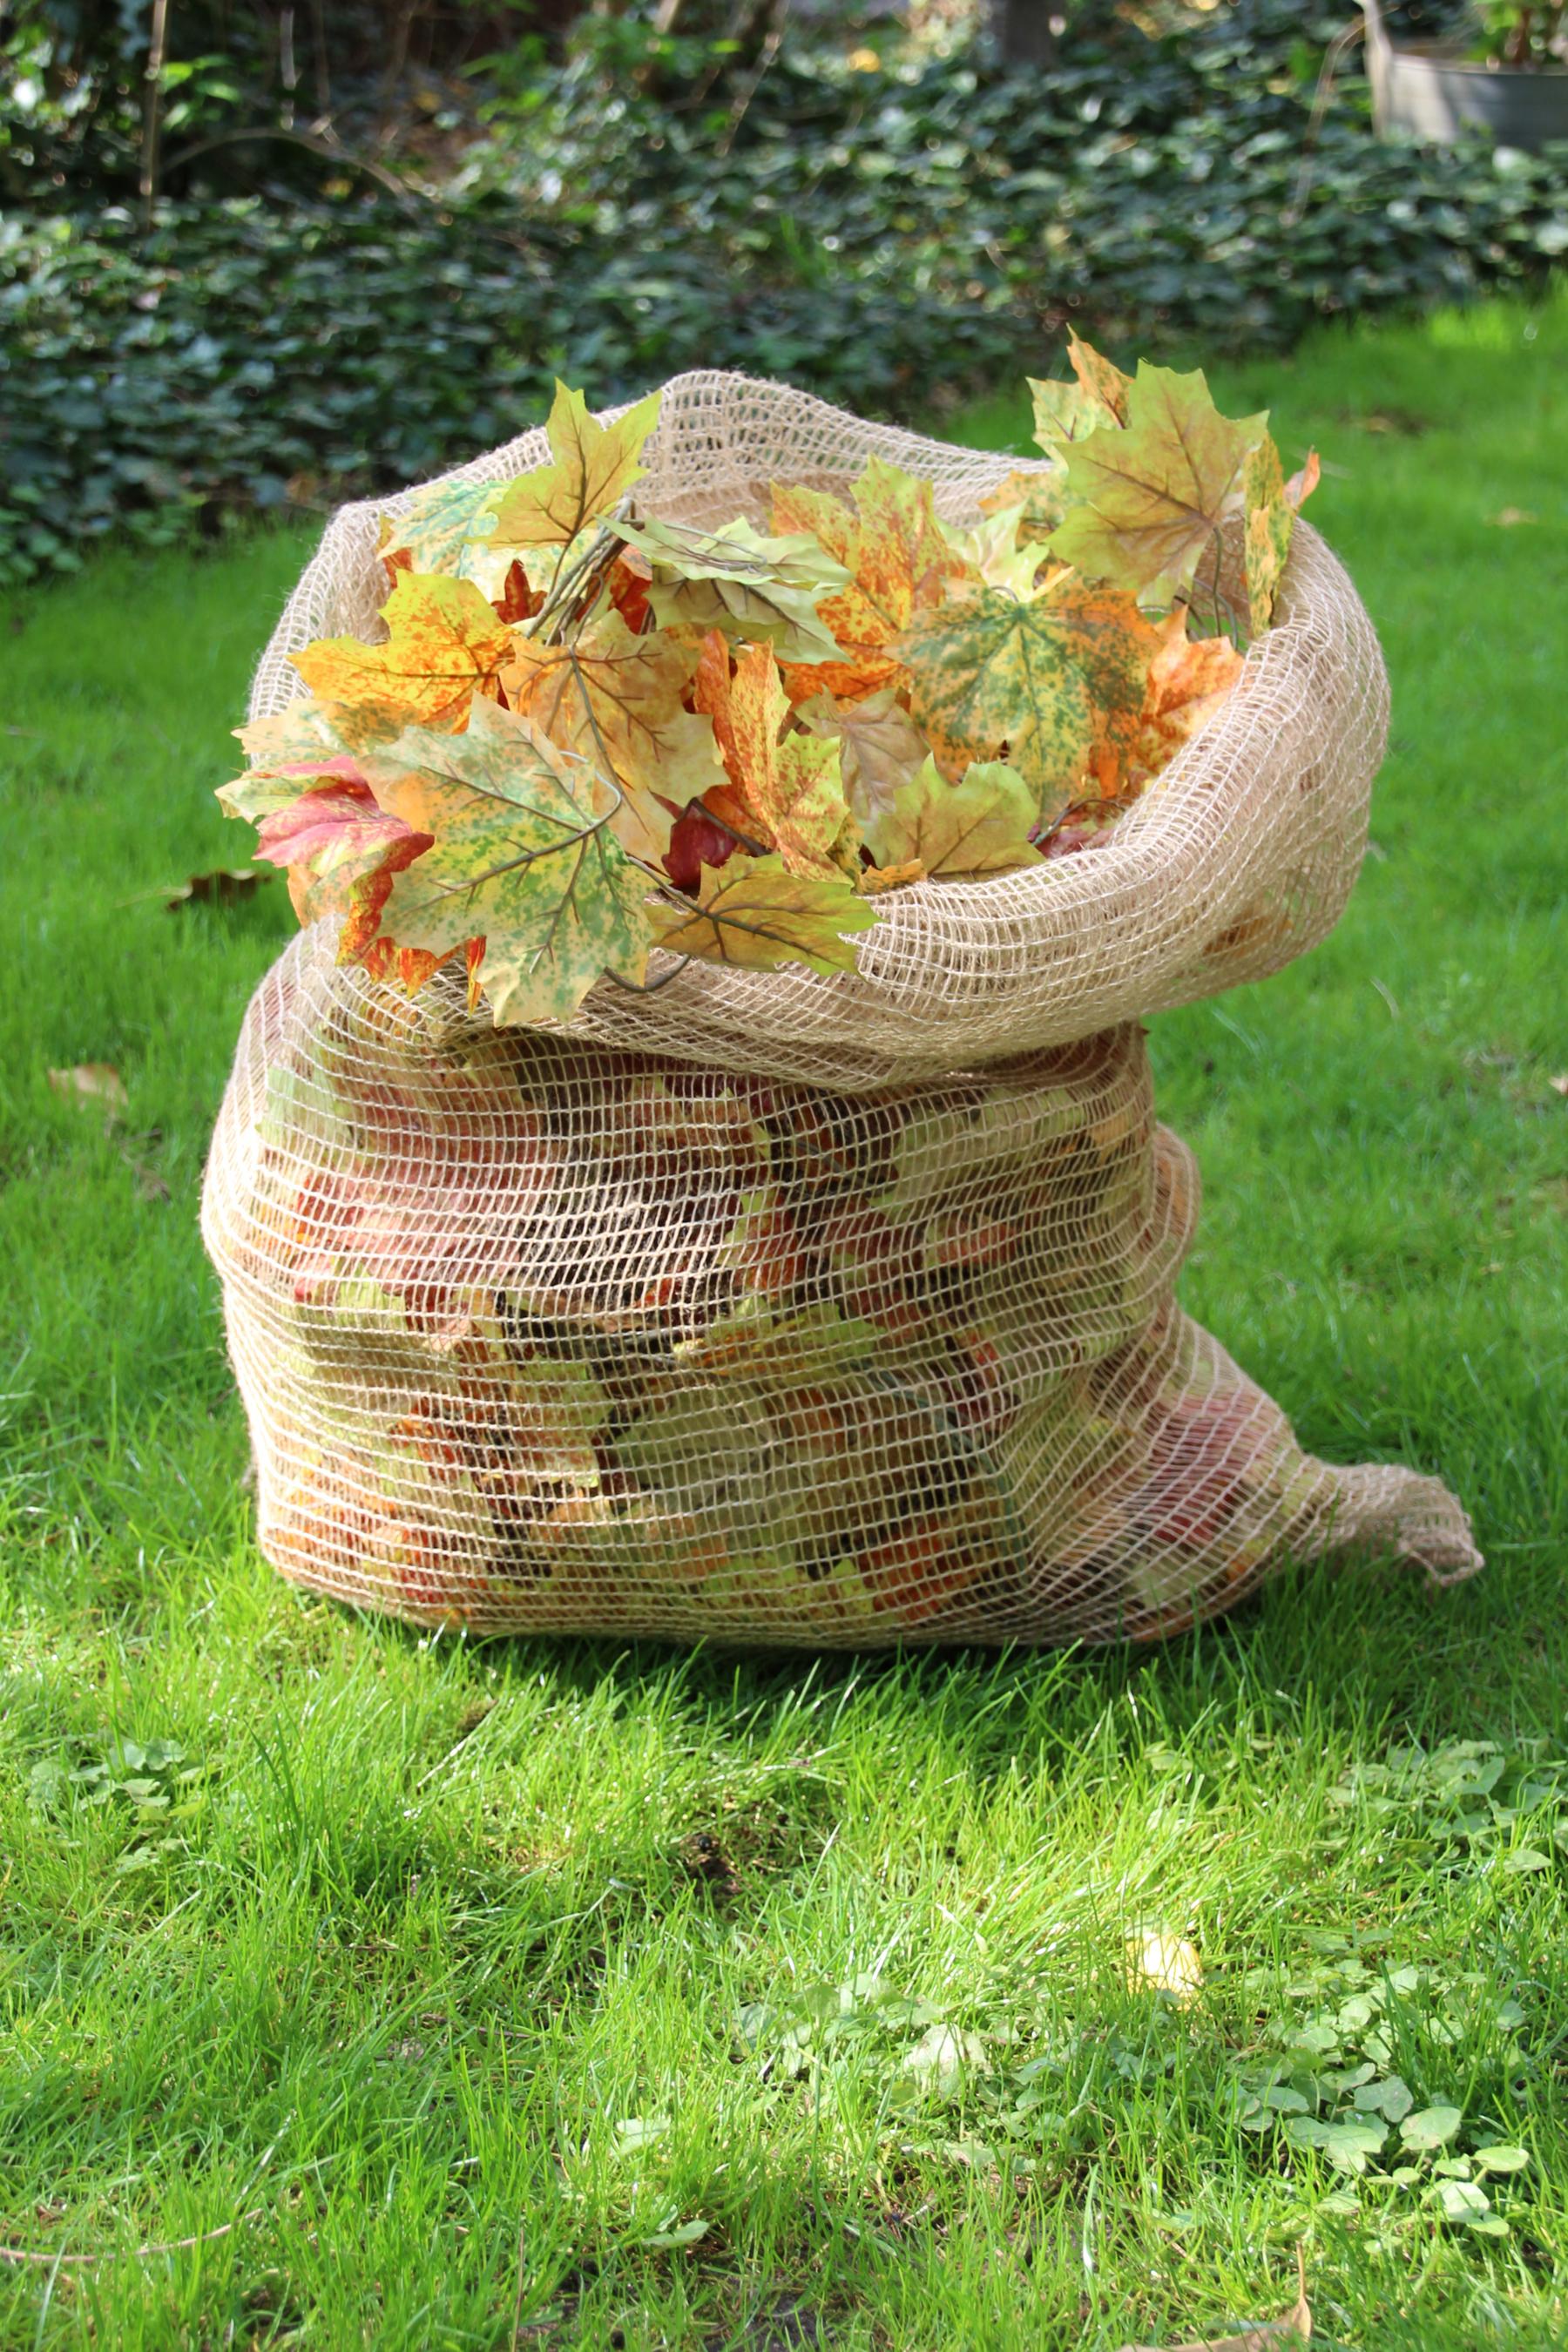 Noor Jute Laubsack 70x100cm kompostierbar 3 Stück Bild 1